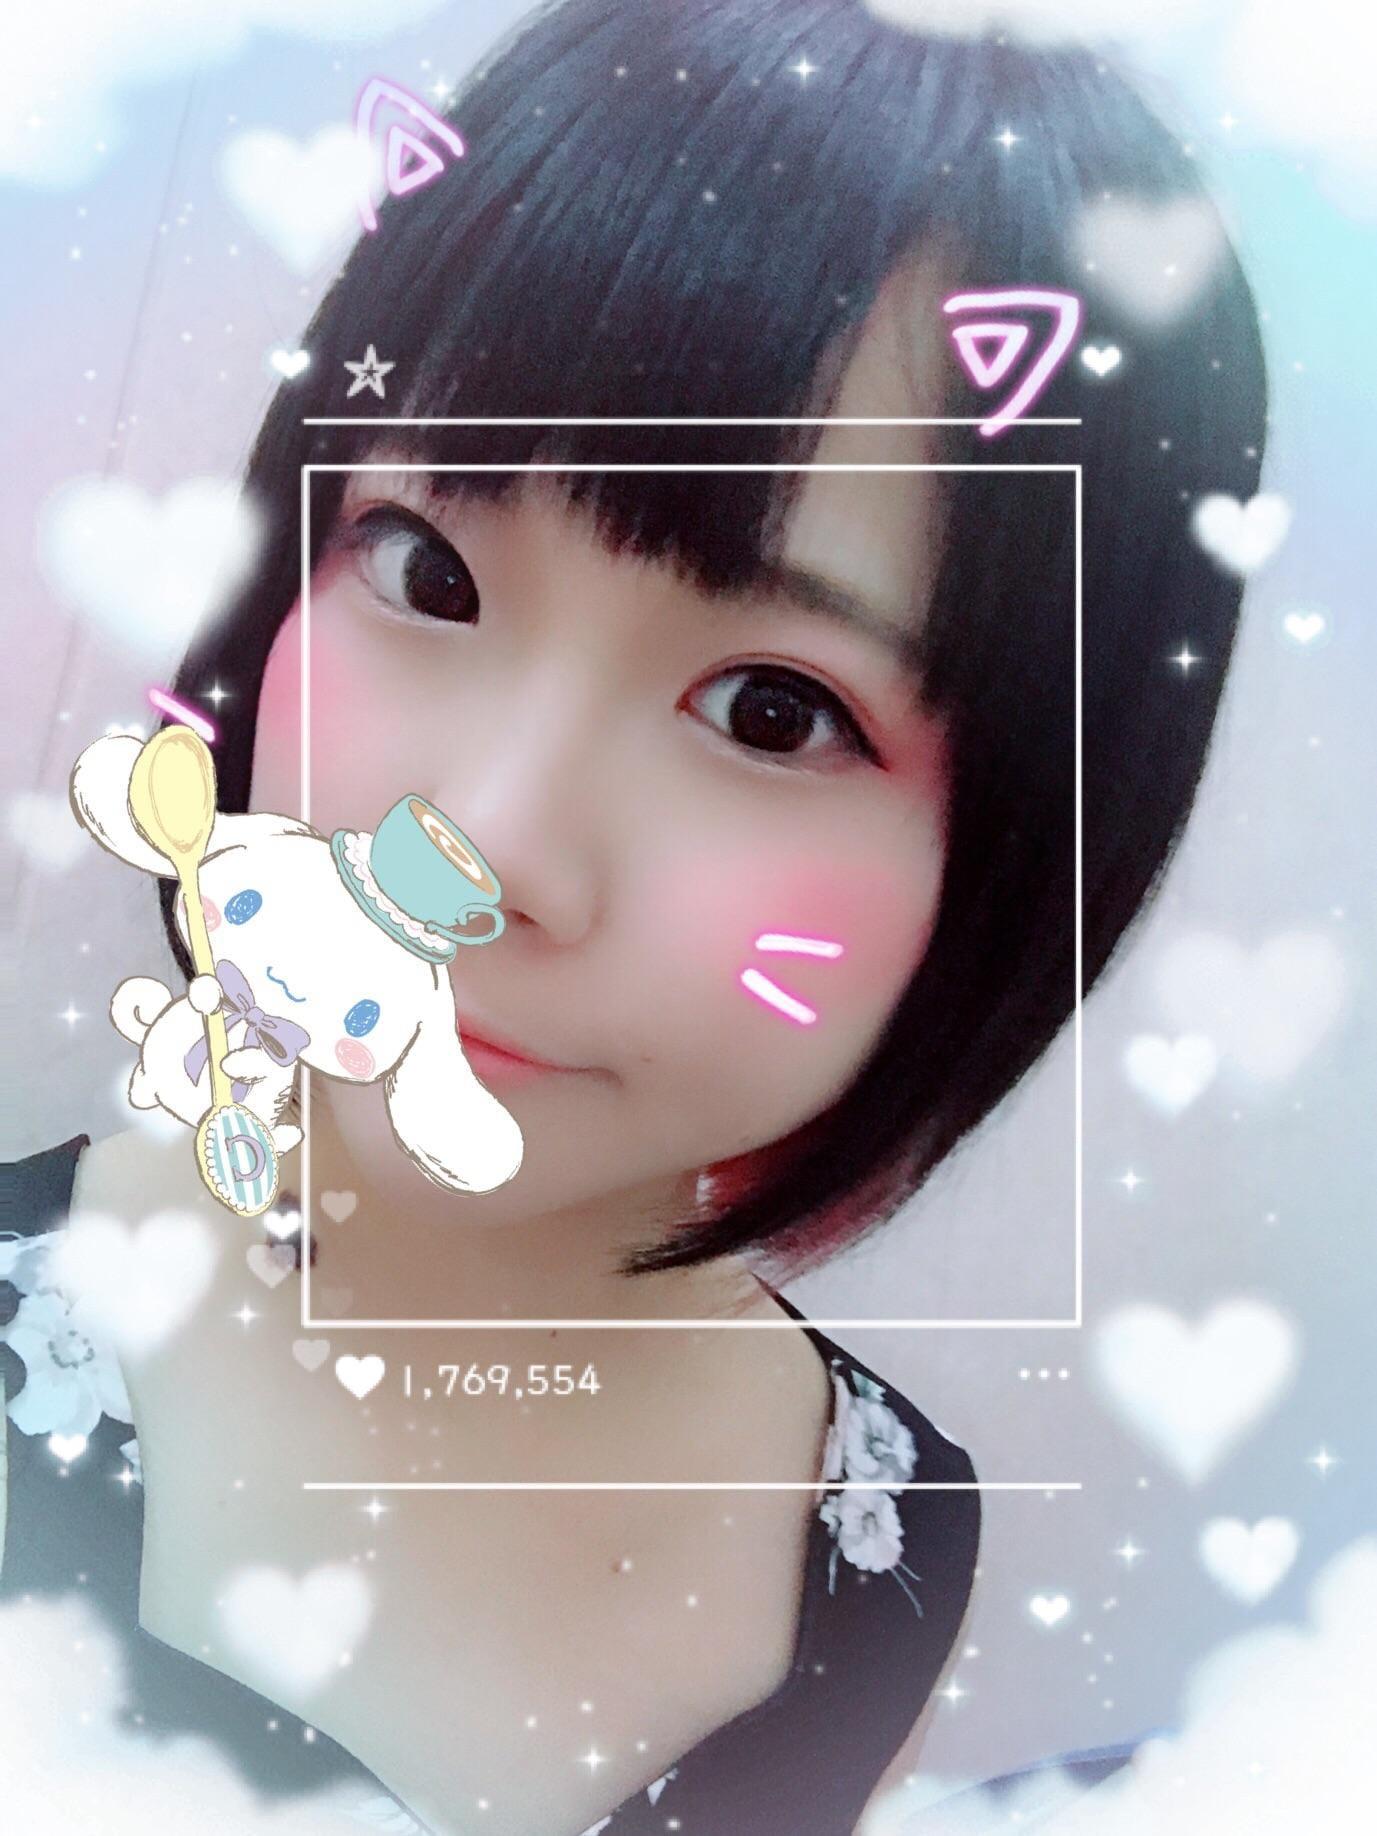 「お礼(^^)」08/13(月) 00:19   みわの写メ・風俗動画